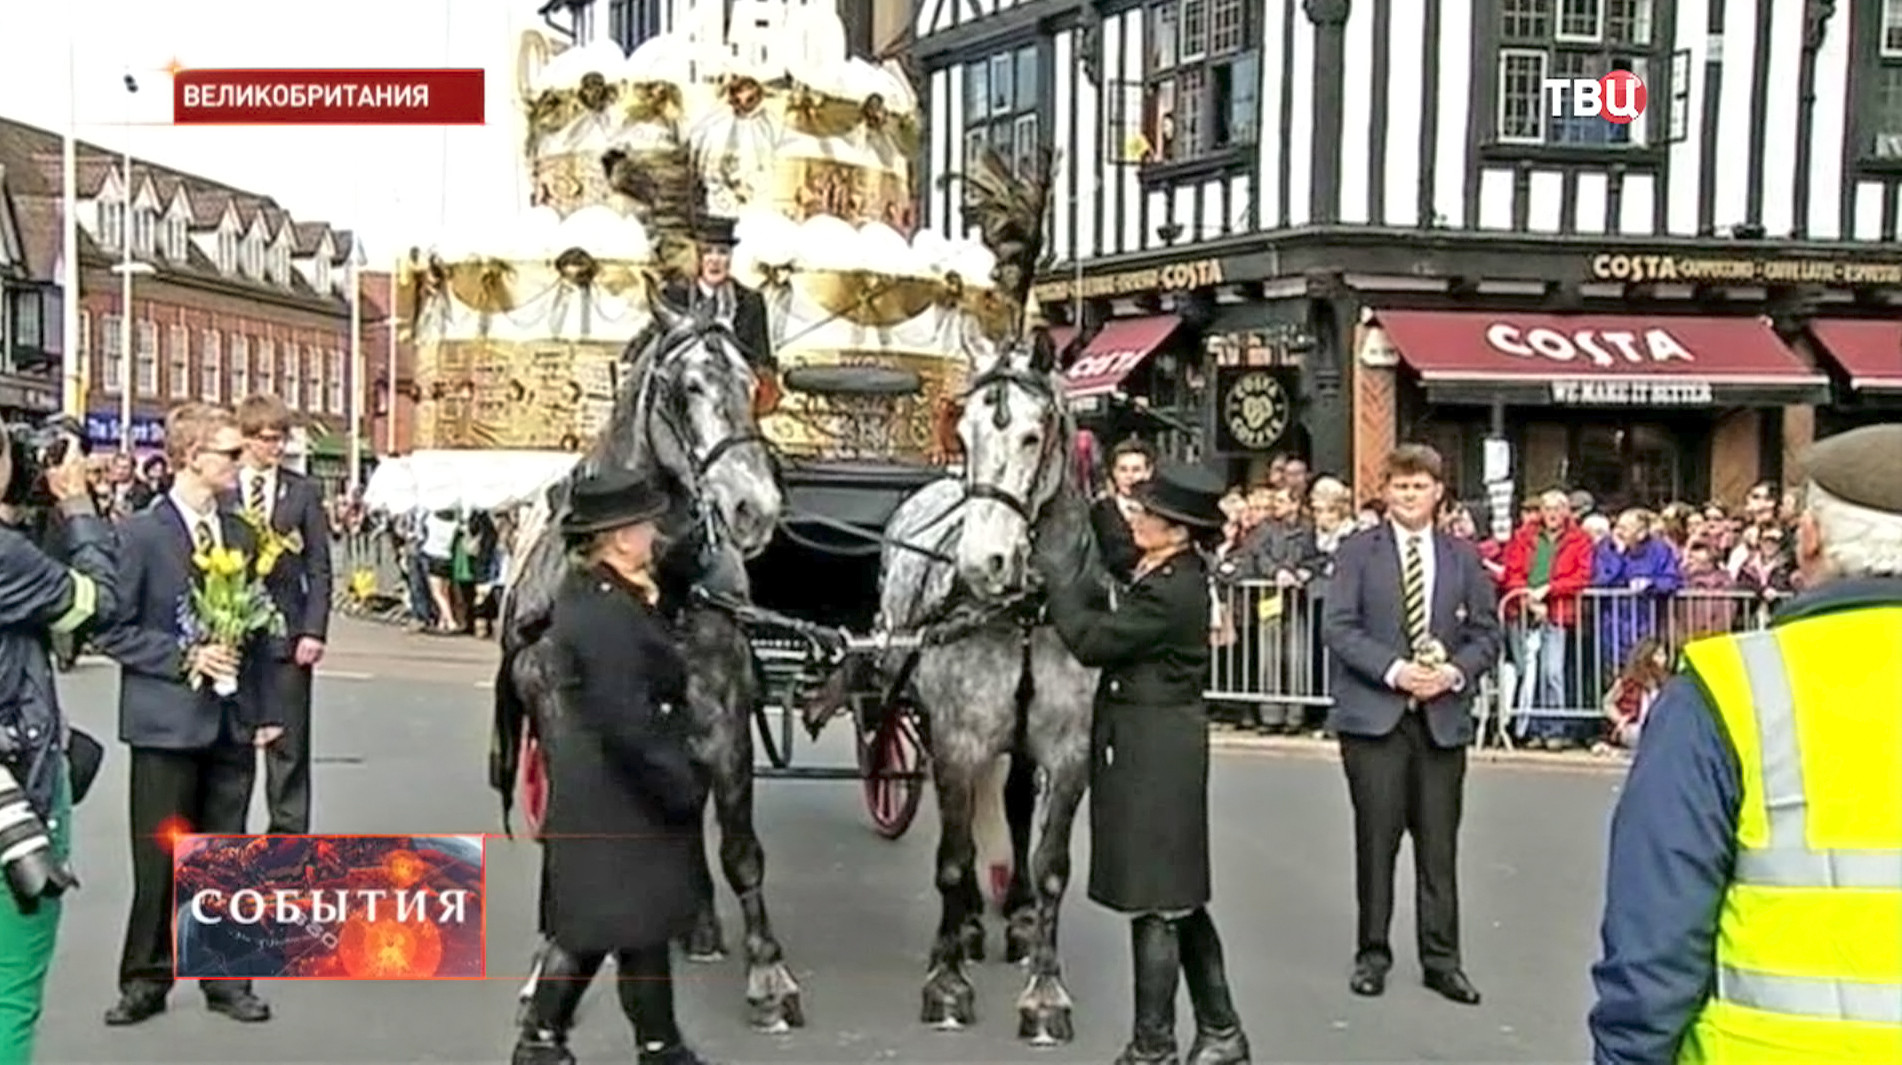 Парад в честь Уильяма Шекспира